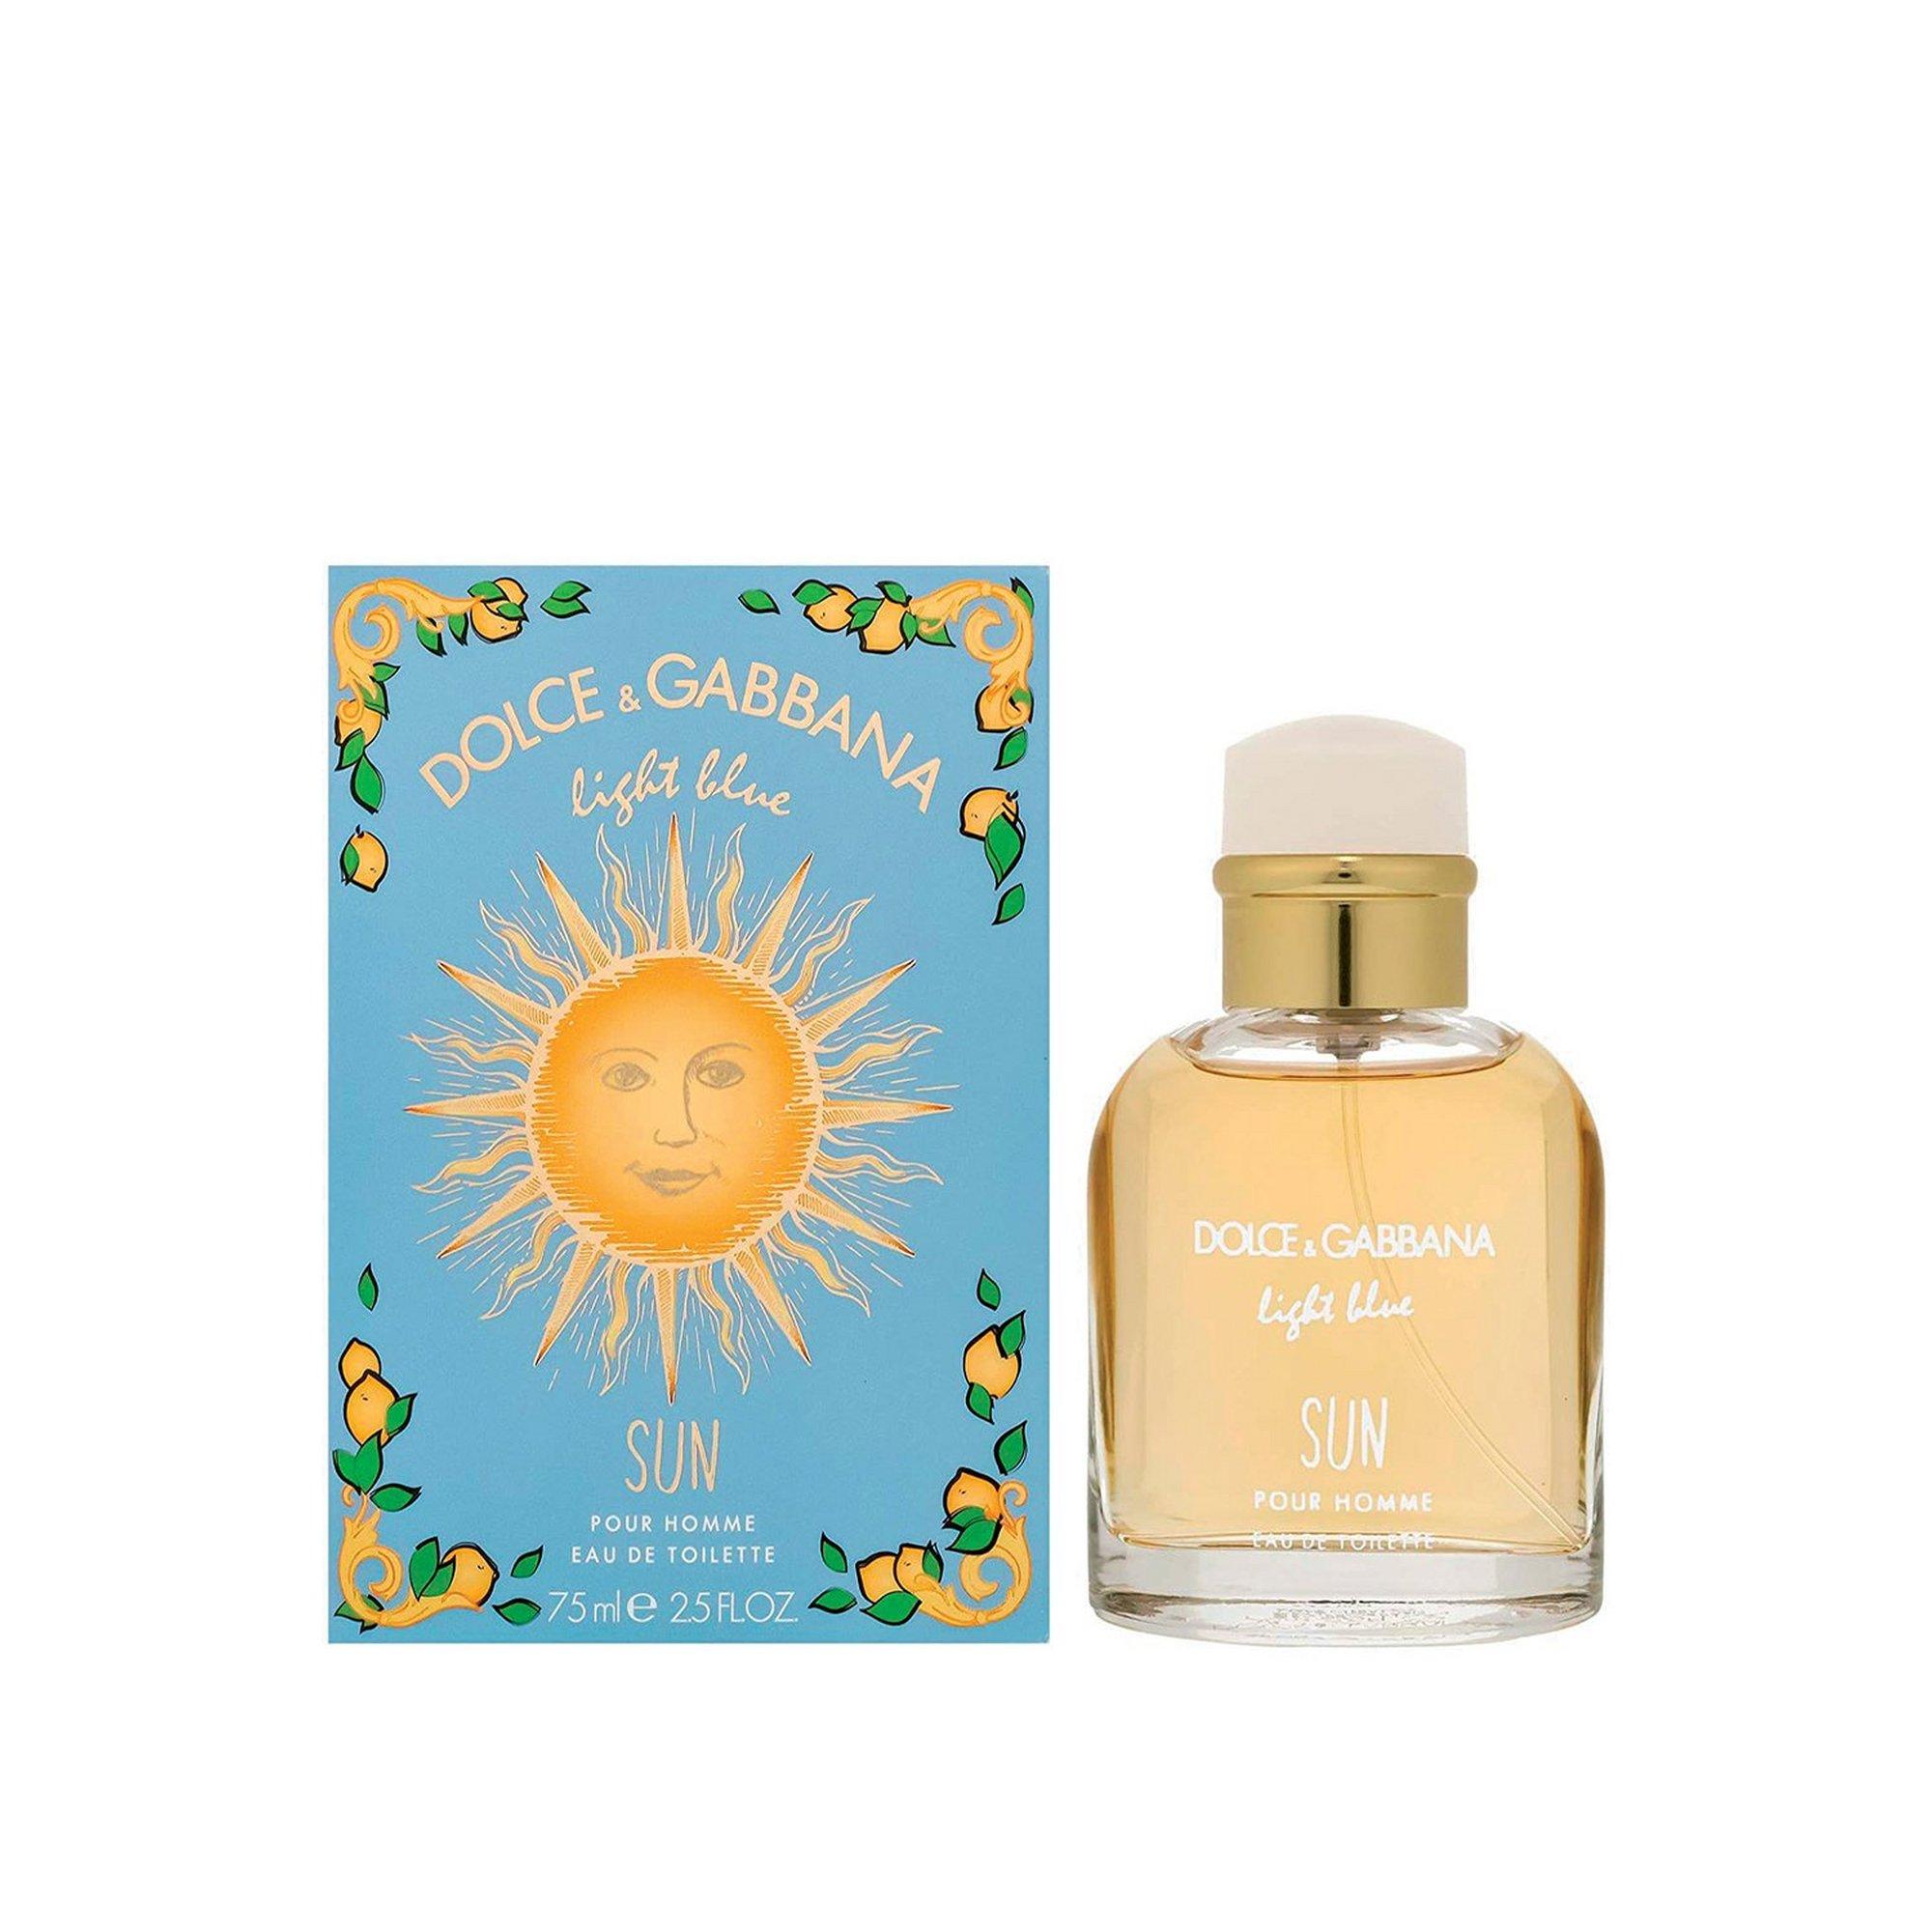 Image of Dolce and Gabbana Light Blue Sun Pour Homme 75ml Eau De Toilette